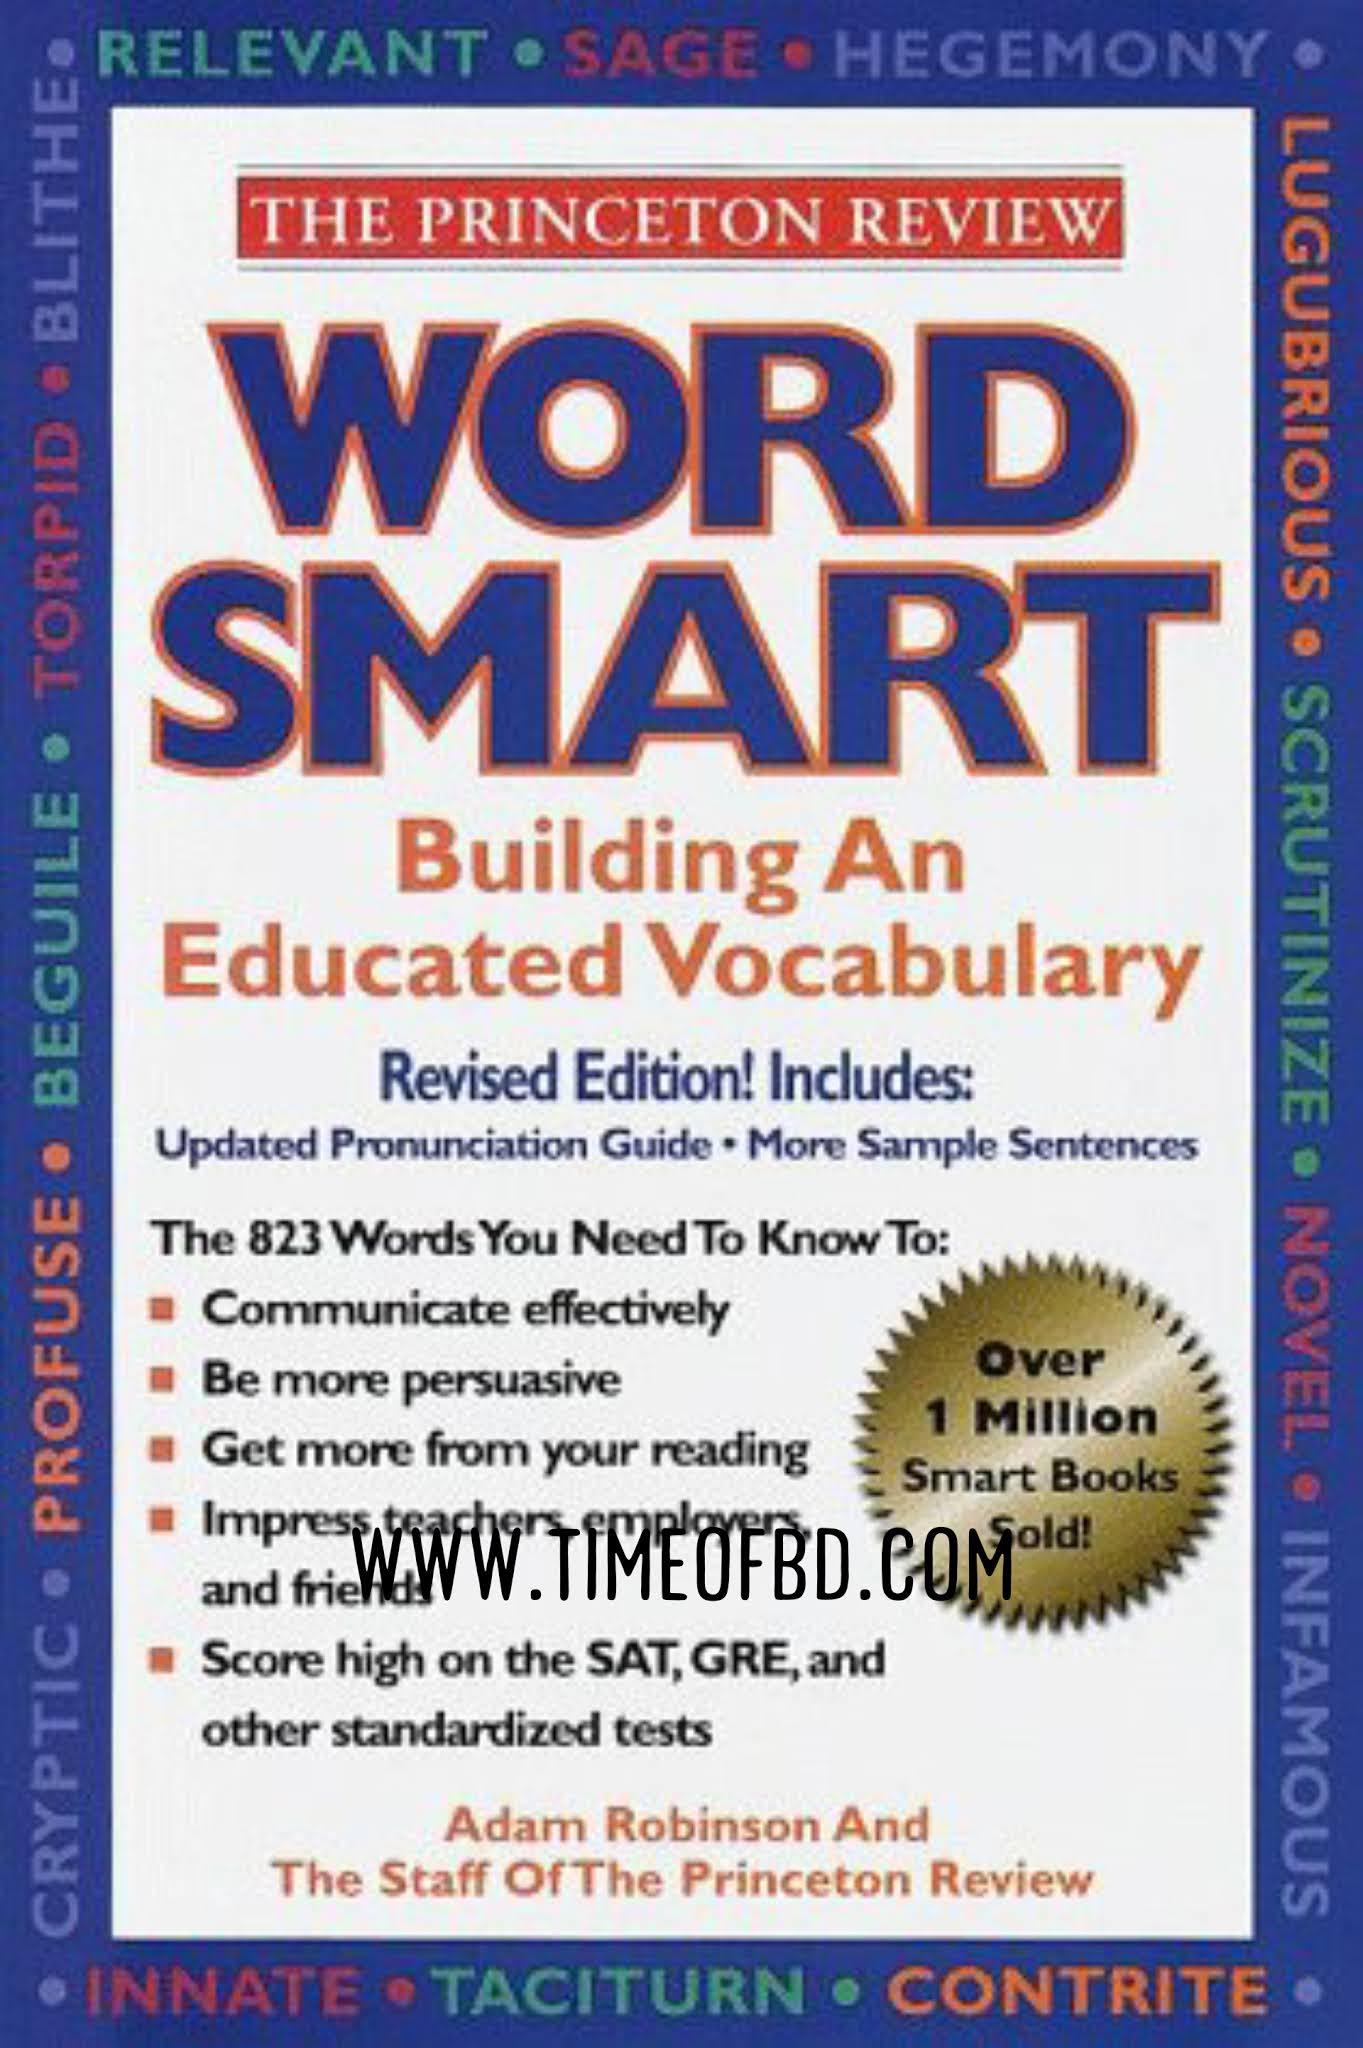 word smart 1and 2 book pdf, word smart 1and 2 book pdf download, word smart 1and 2bangla pdf